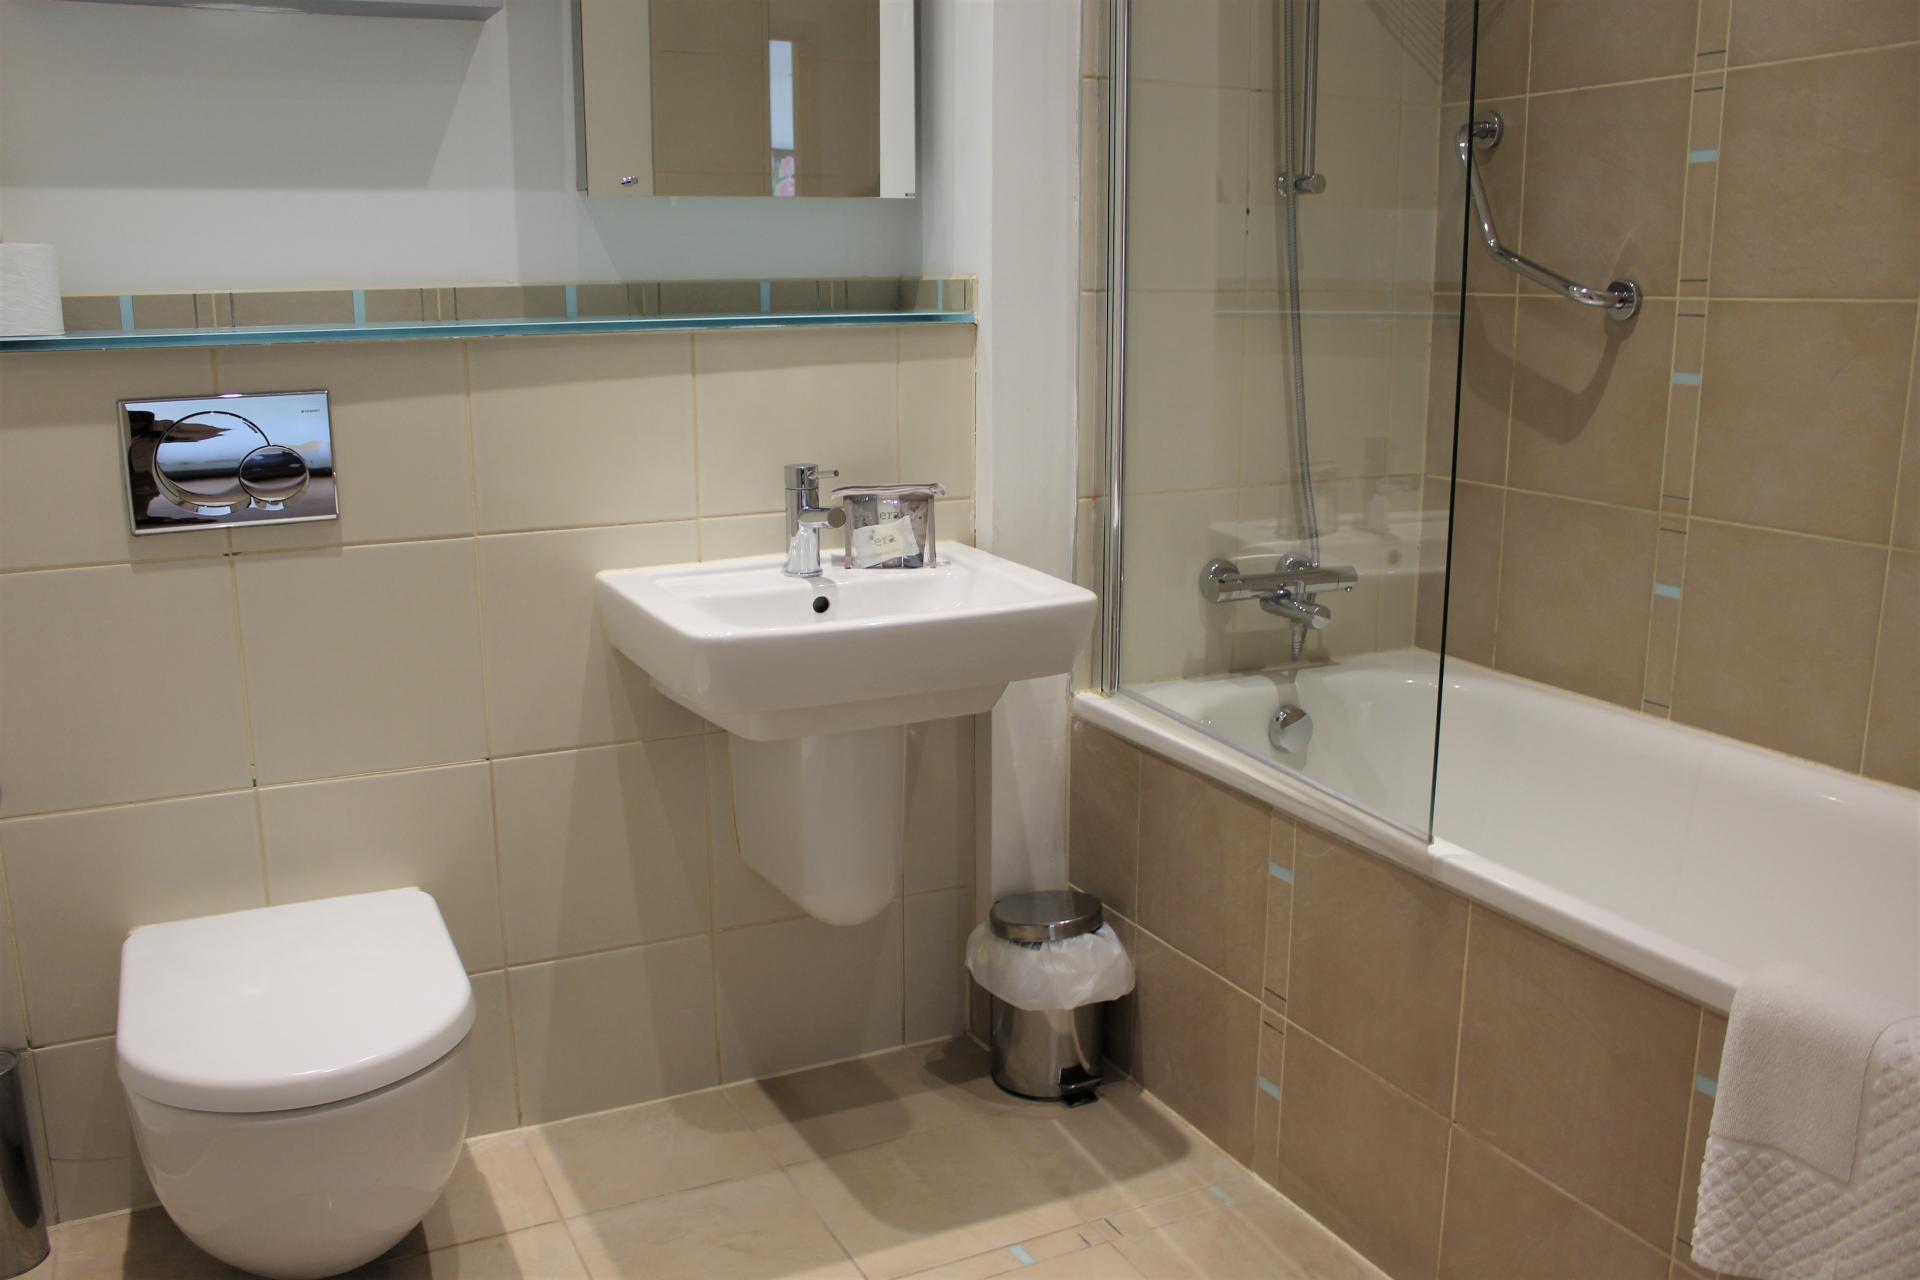 WC at Gunwharf Quays Apartments, Gunwharf Quays, Portsmouth - Citybase Apartments